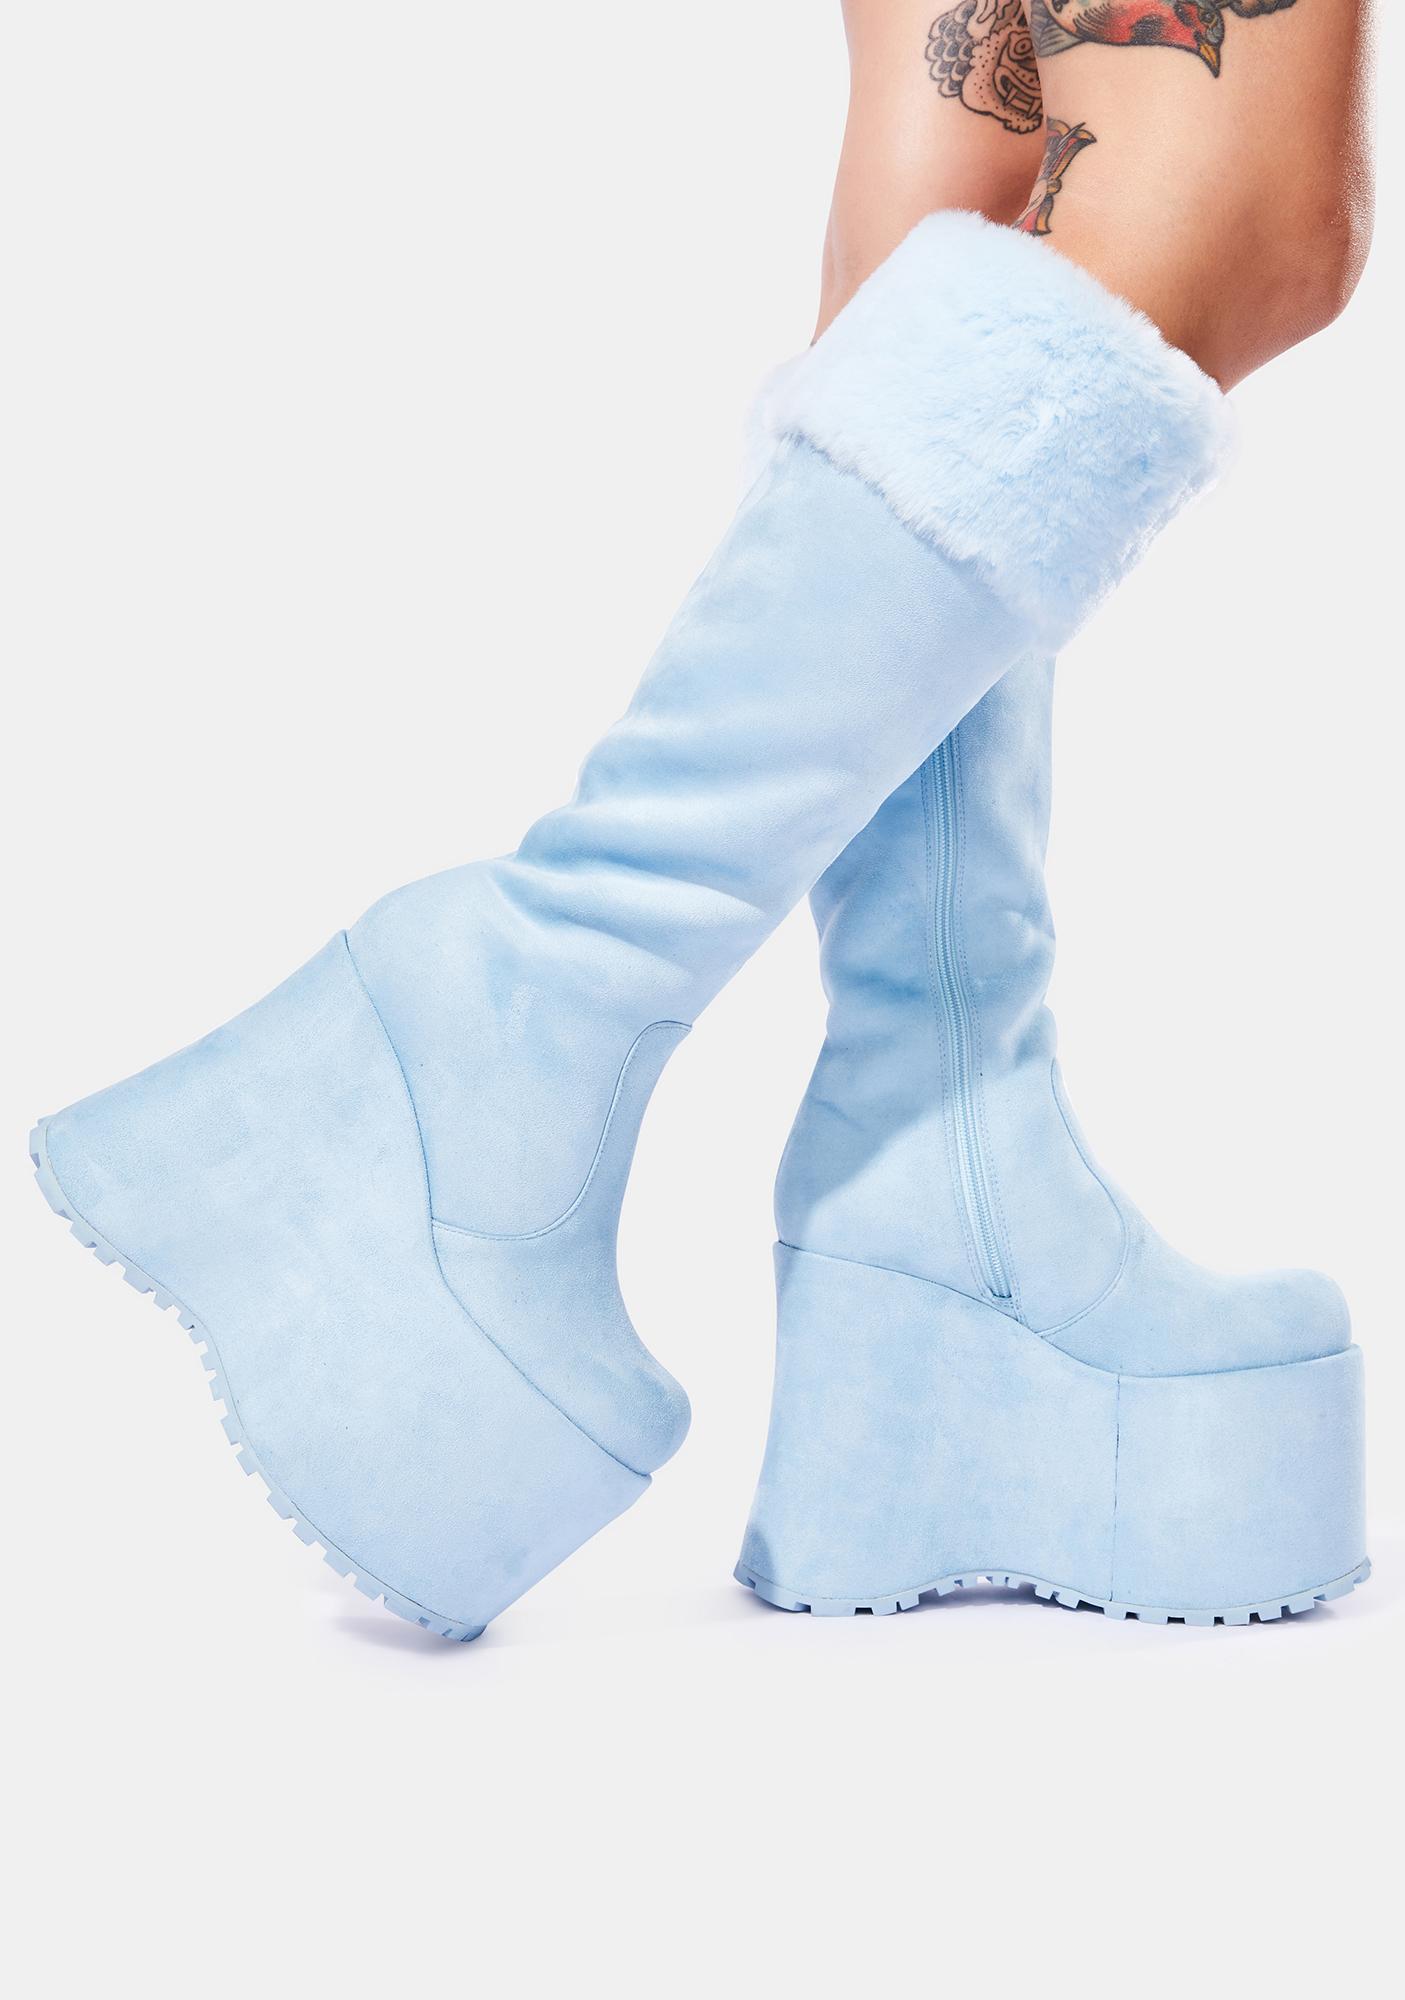 Club Exx Blizzard Babe Knee High Boots